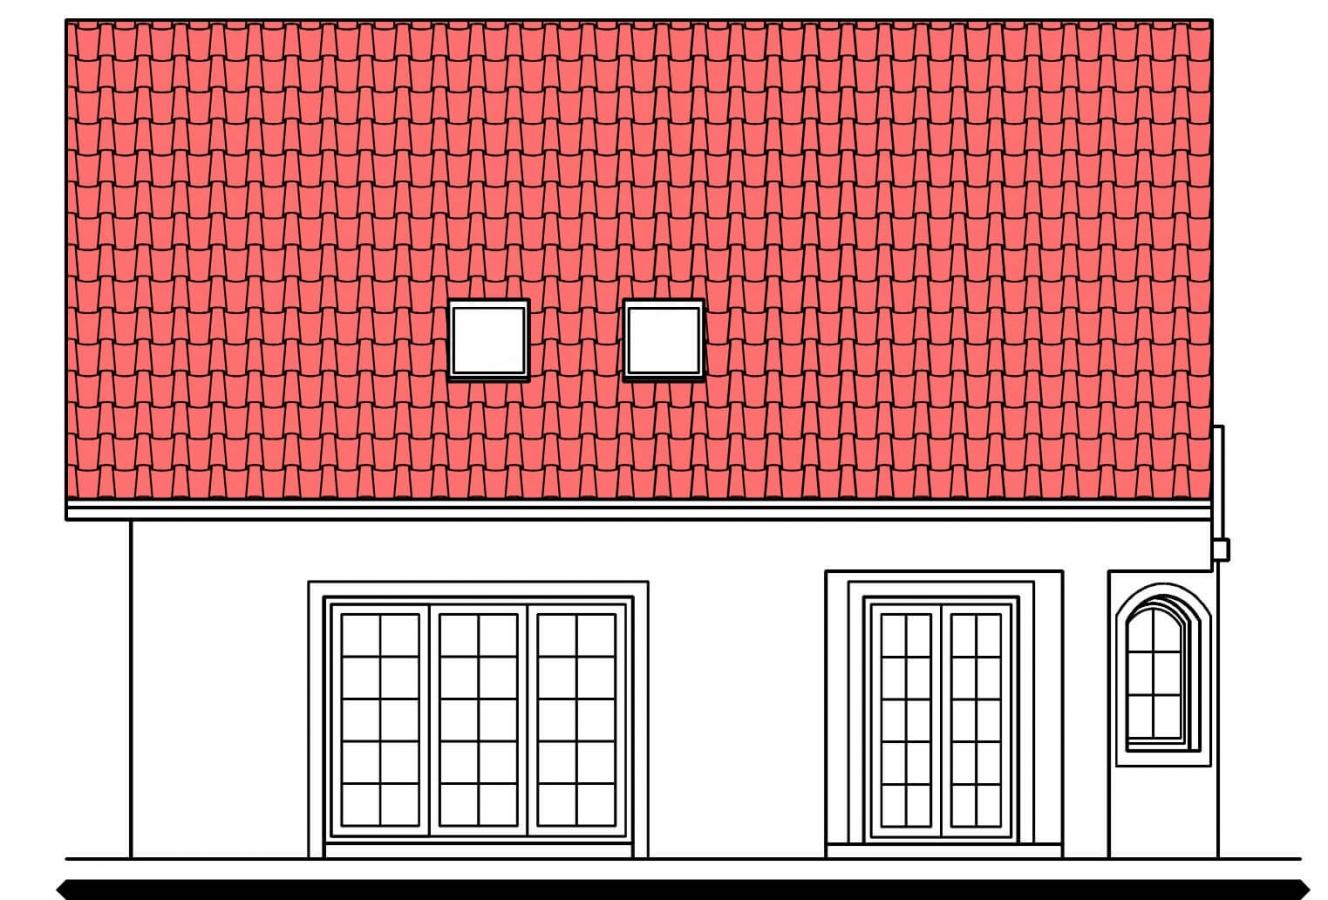 Pohľad 3. - Projekt podkrovného domu s krytou terasou.